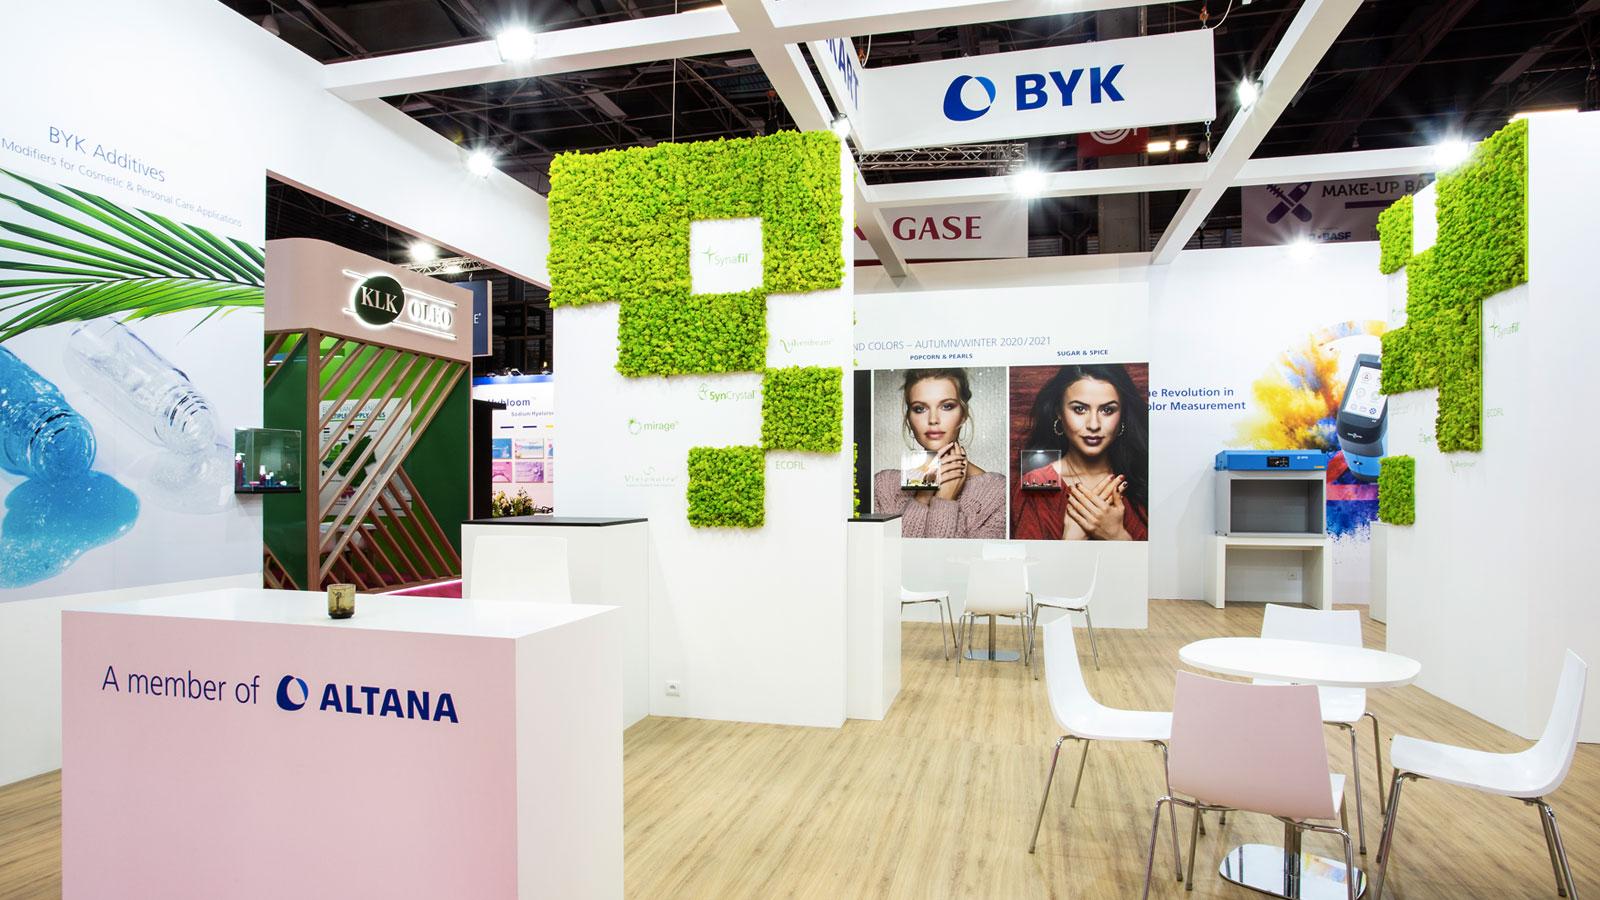 Stand-Design-Eckart-Incosmetics-naturel-moss